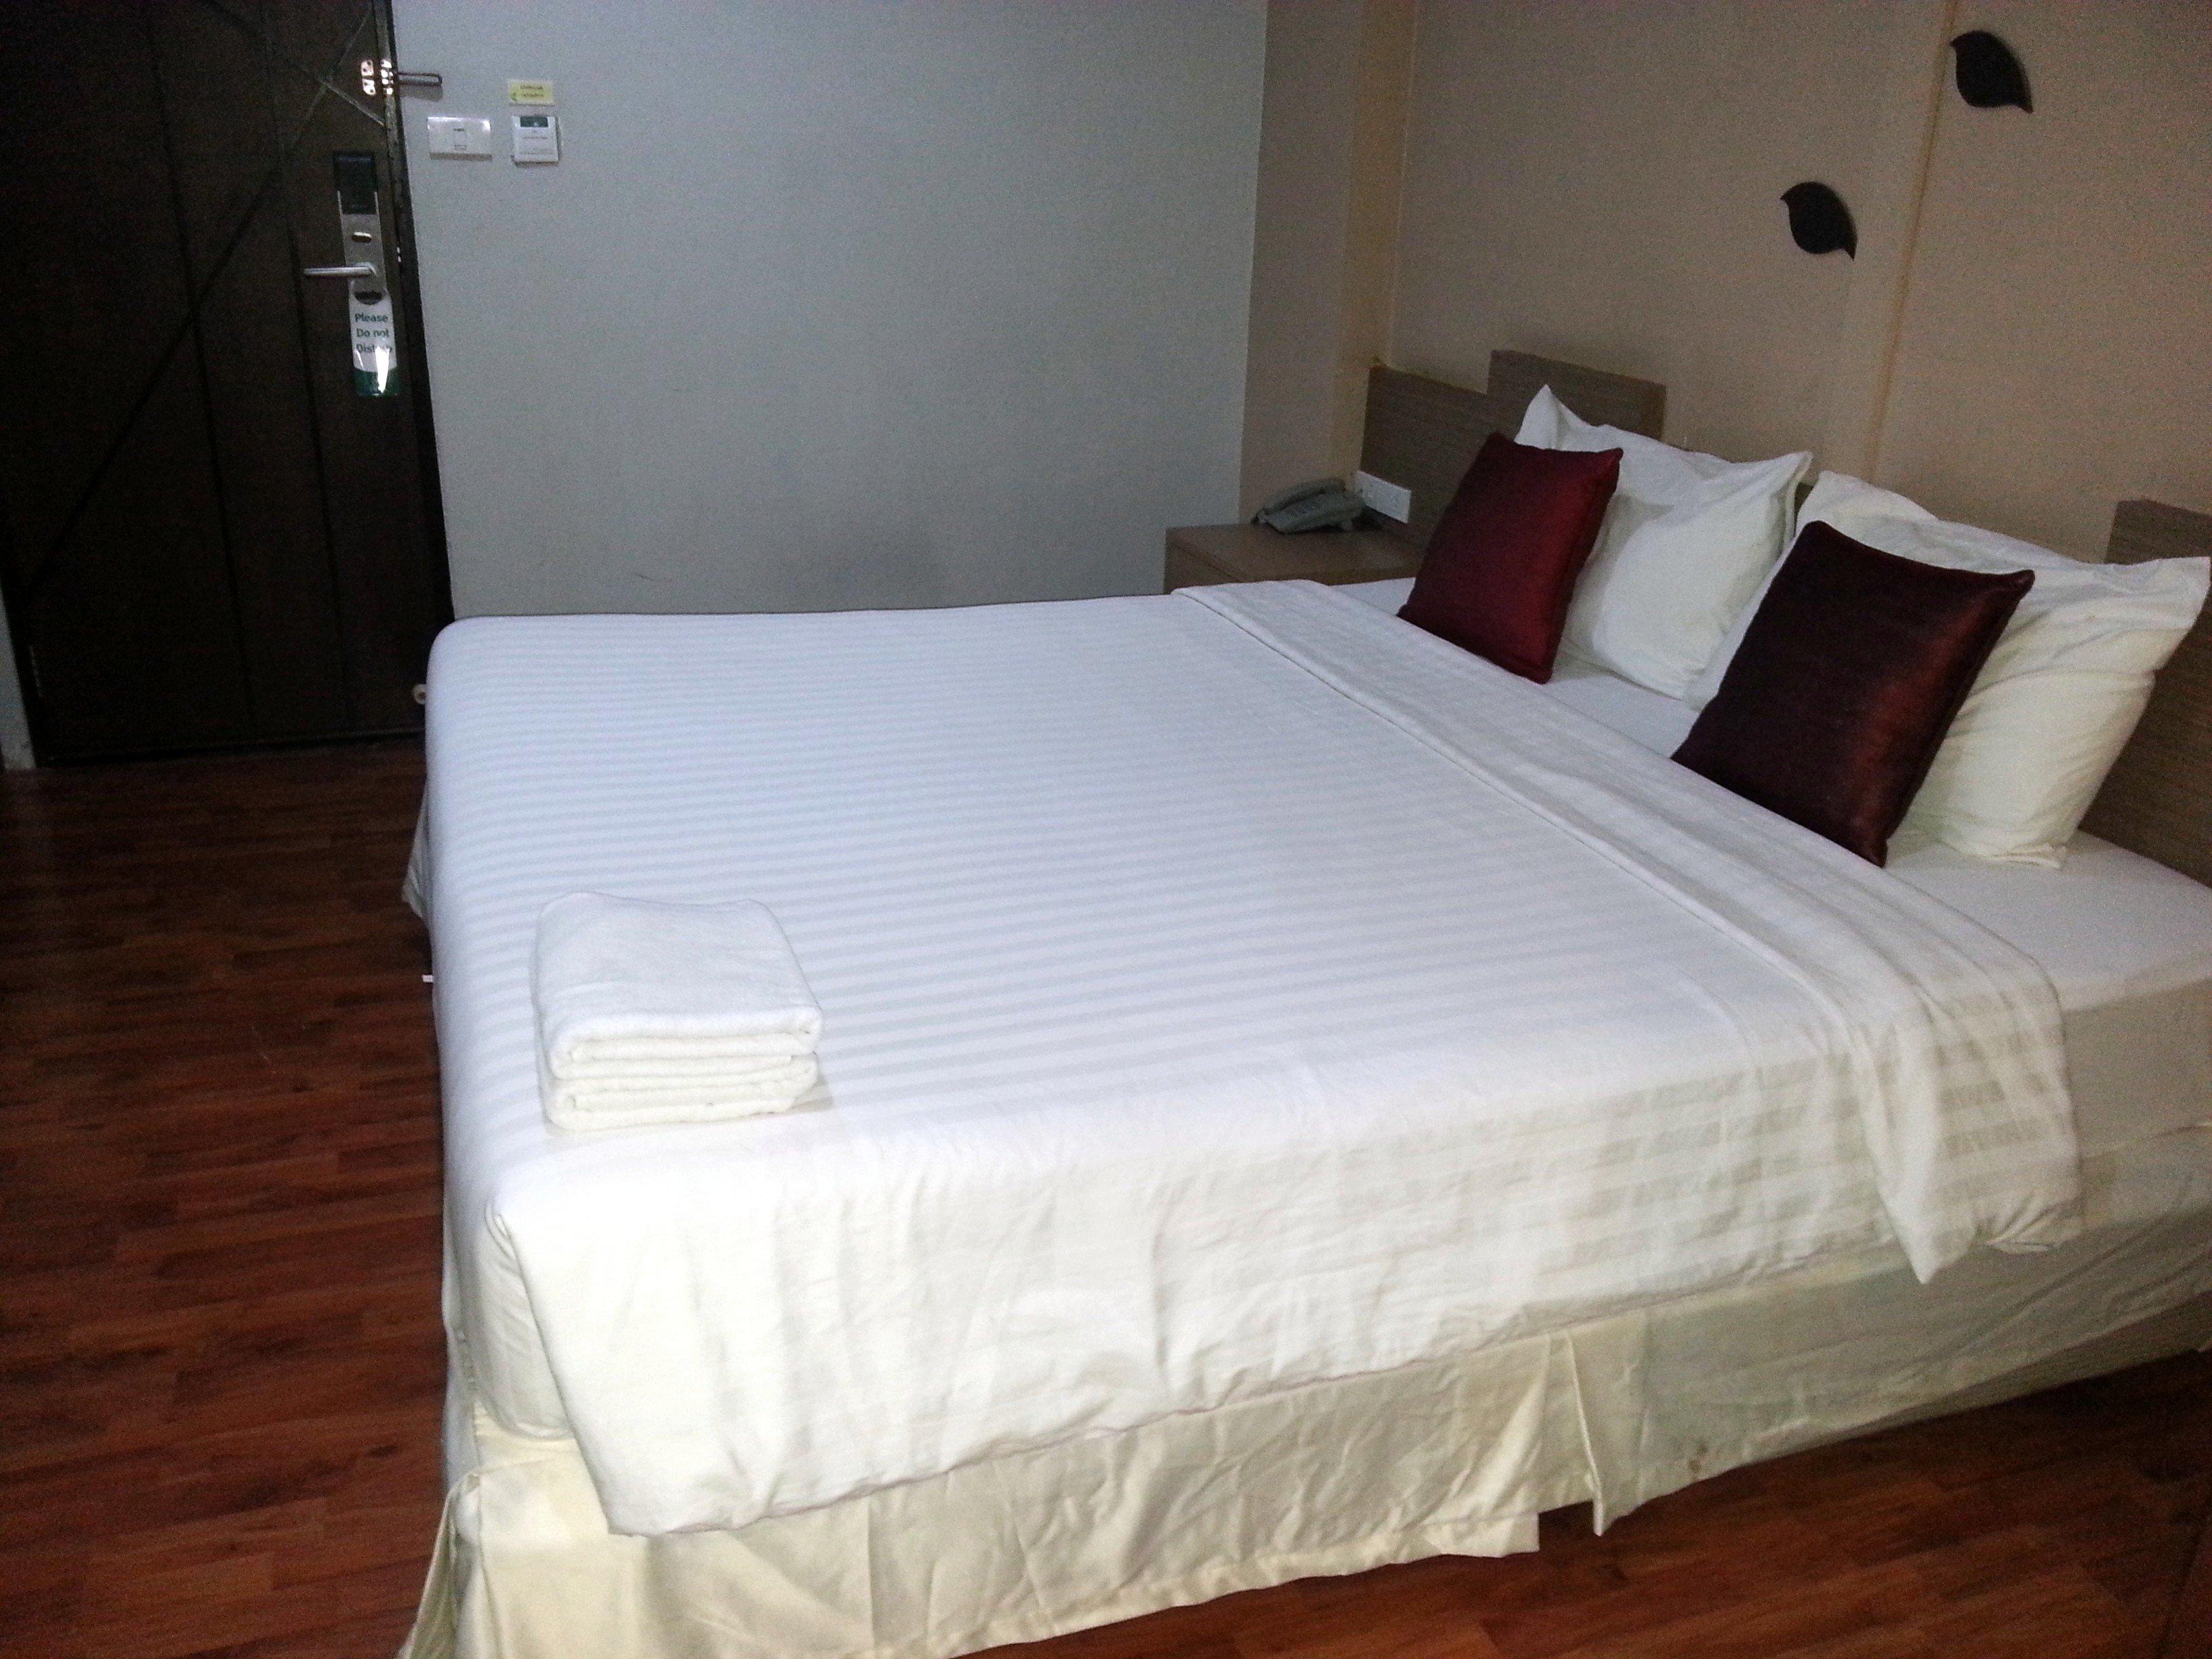 Bed at SF Biz Hotel